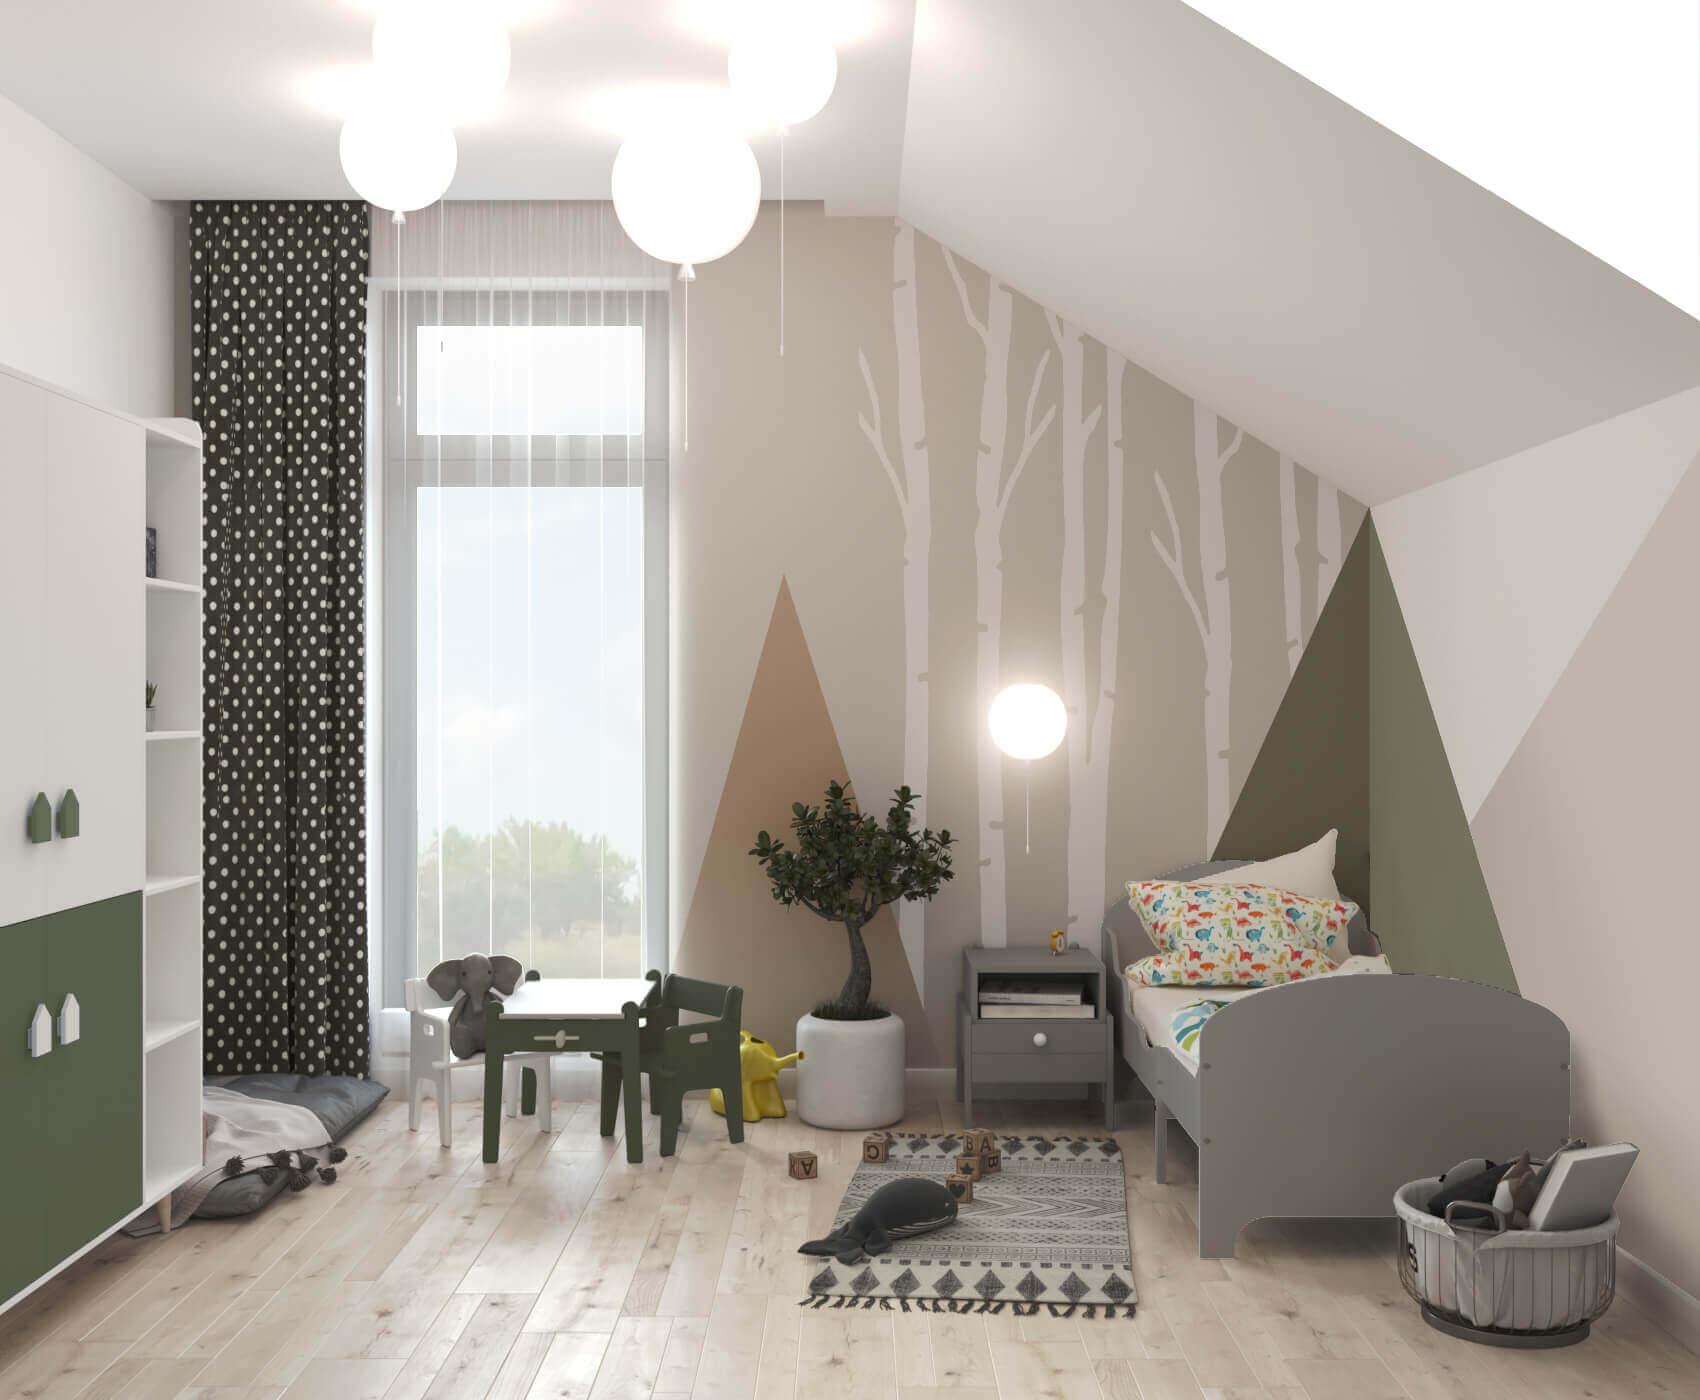 дизайн детской комнаты сказочный лес